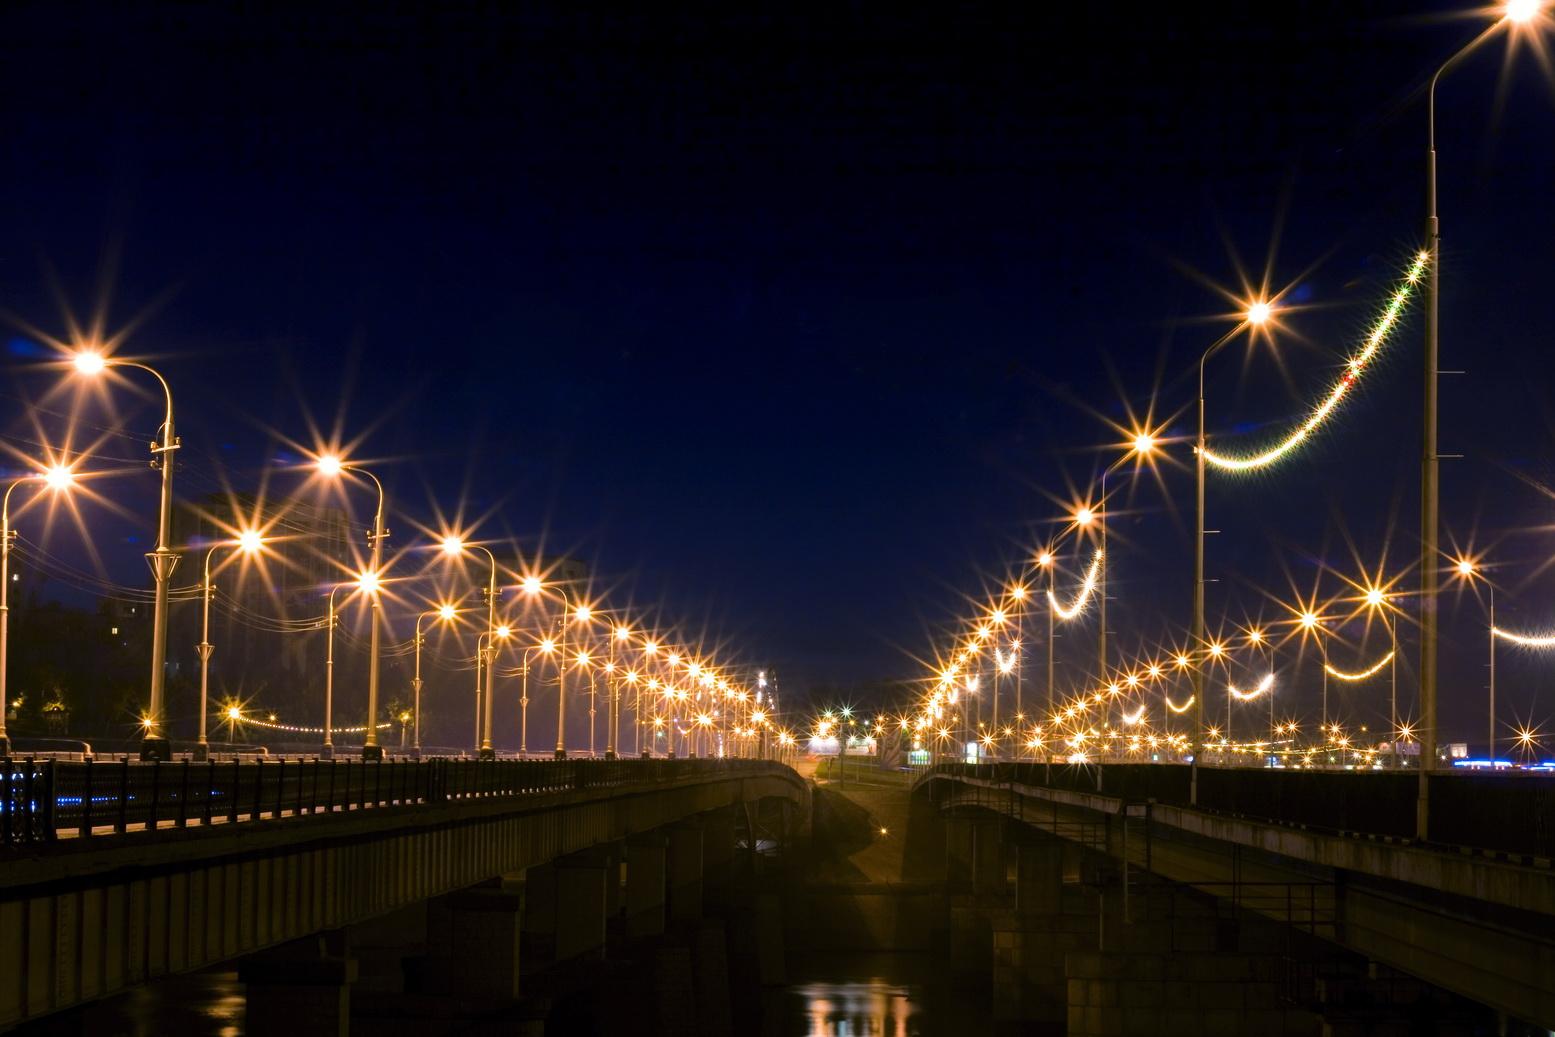 Verejné osvetlenie